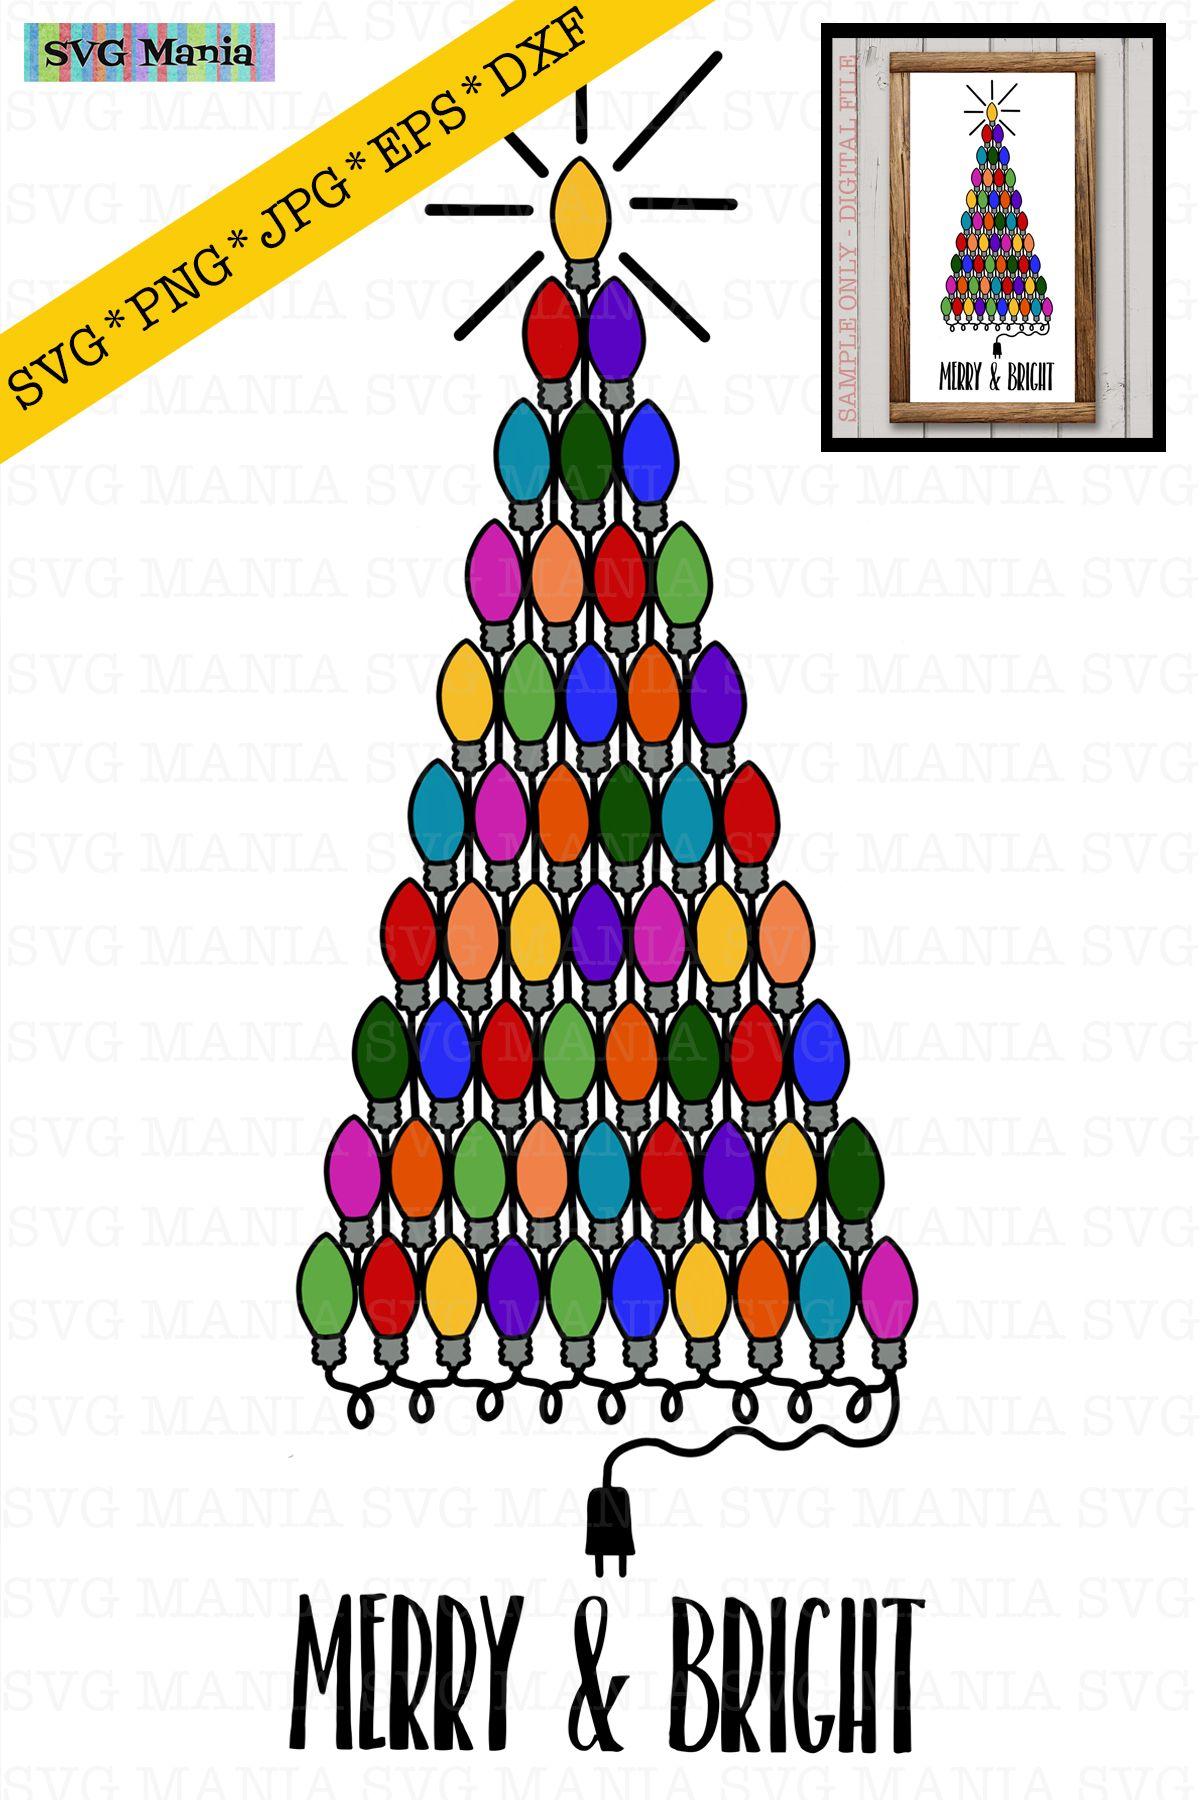 Christmas Tree Of Christmas Lights Svg File Christmas Svg 404783 Svgs Design Bundles Christmas Svg Etsy Shop Etsy Handmade